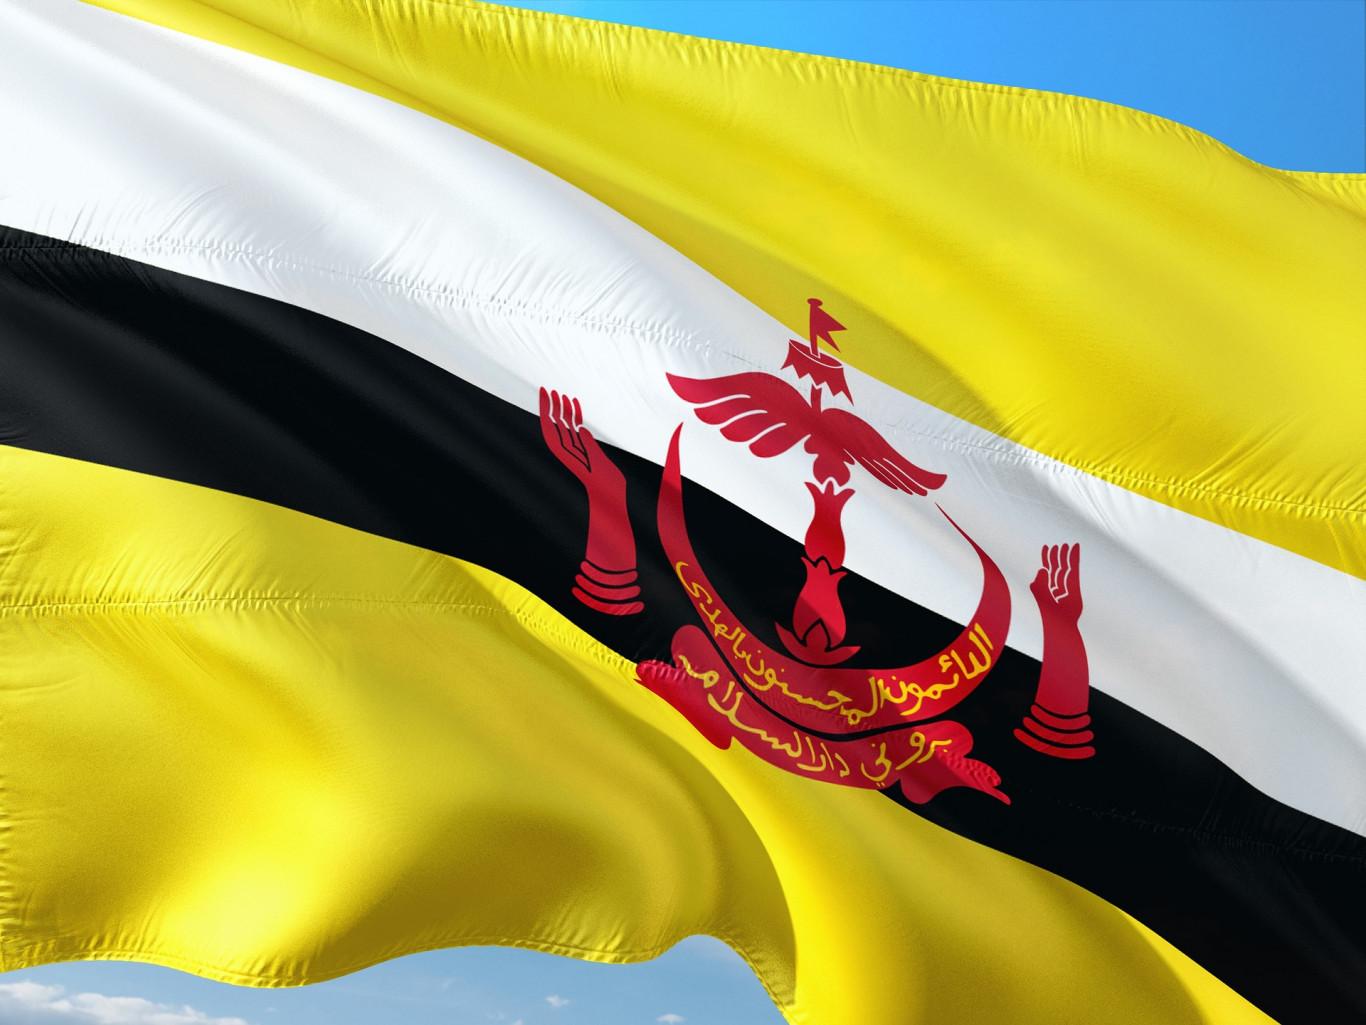 Thời gian bảo hộ nhãn hiệu tại Brunei, thời gian đăng ký nhãn hiệu tại Brunei, bảo hộ thương hiệu tại Brunei mất bao lâu, đăng ký nhãn hiệu tại Brunei mất bao lâu